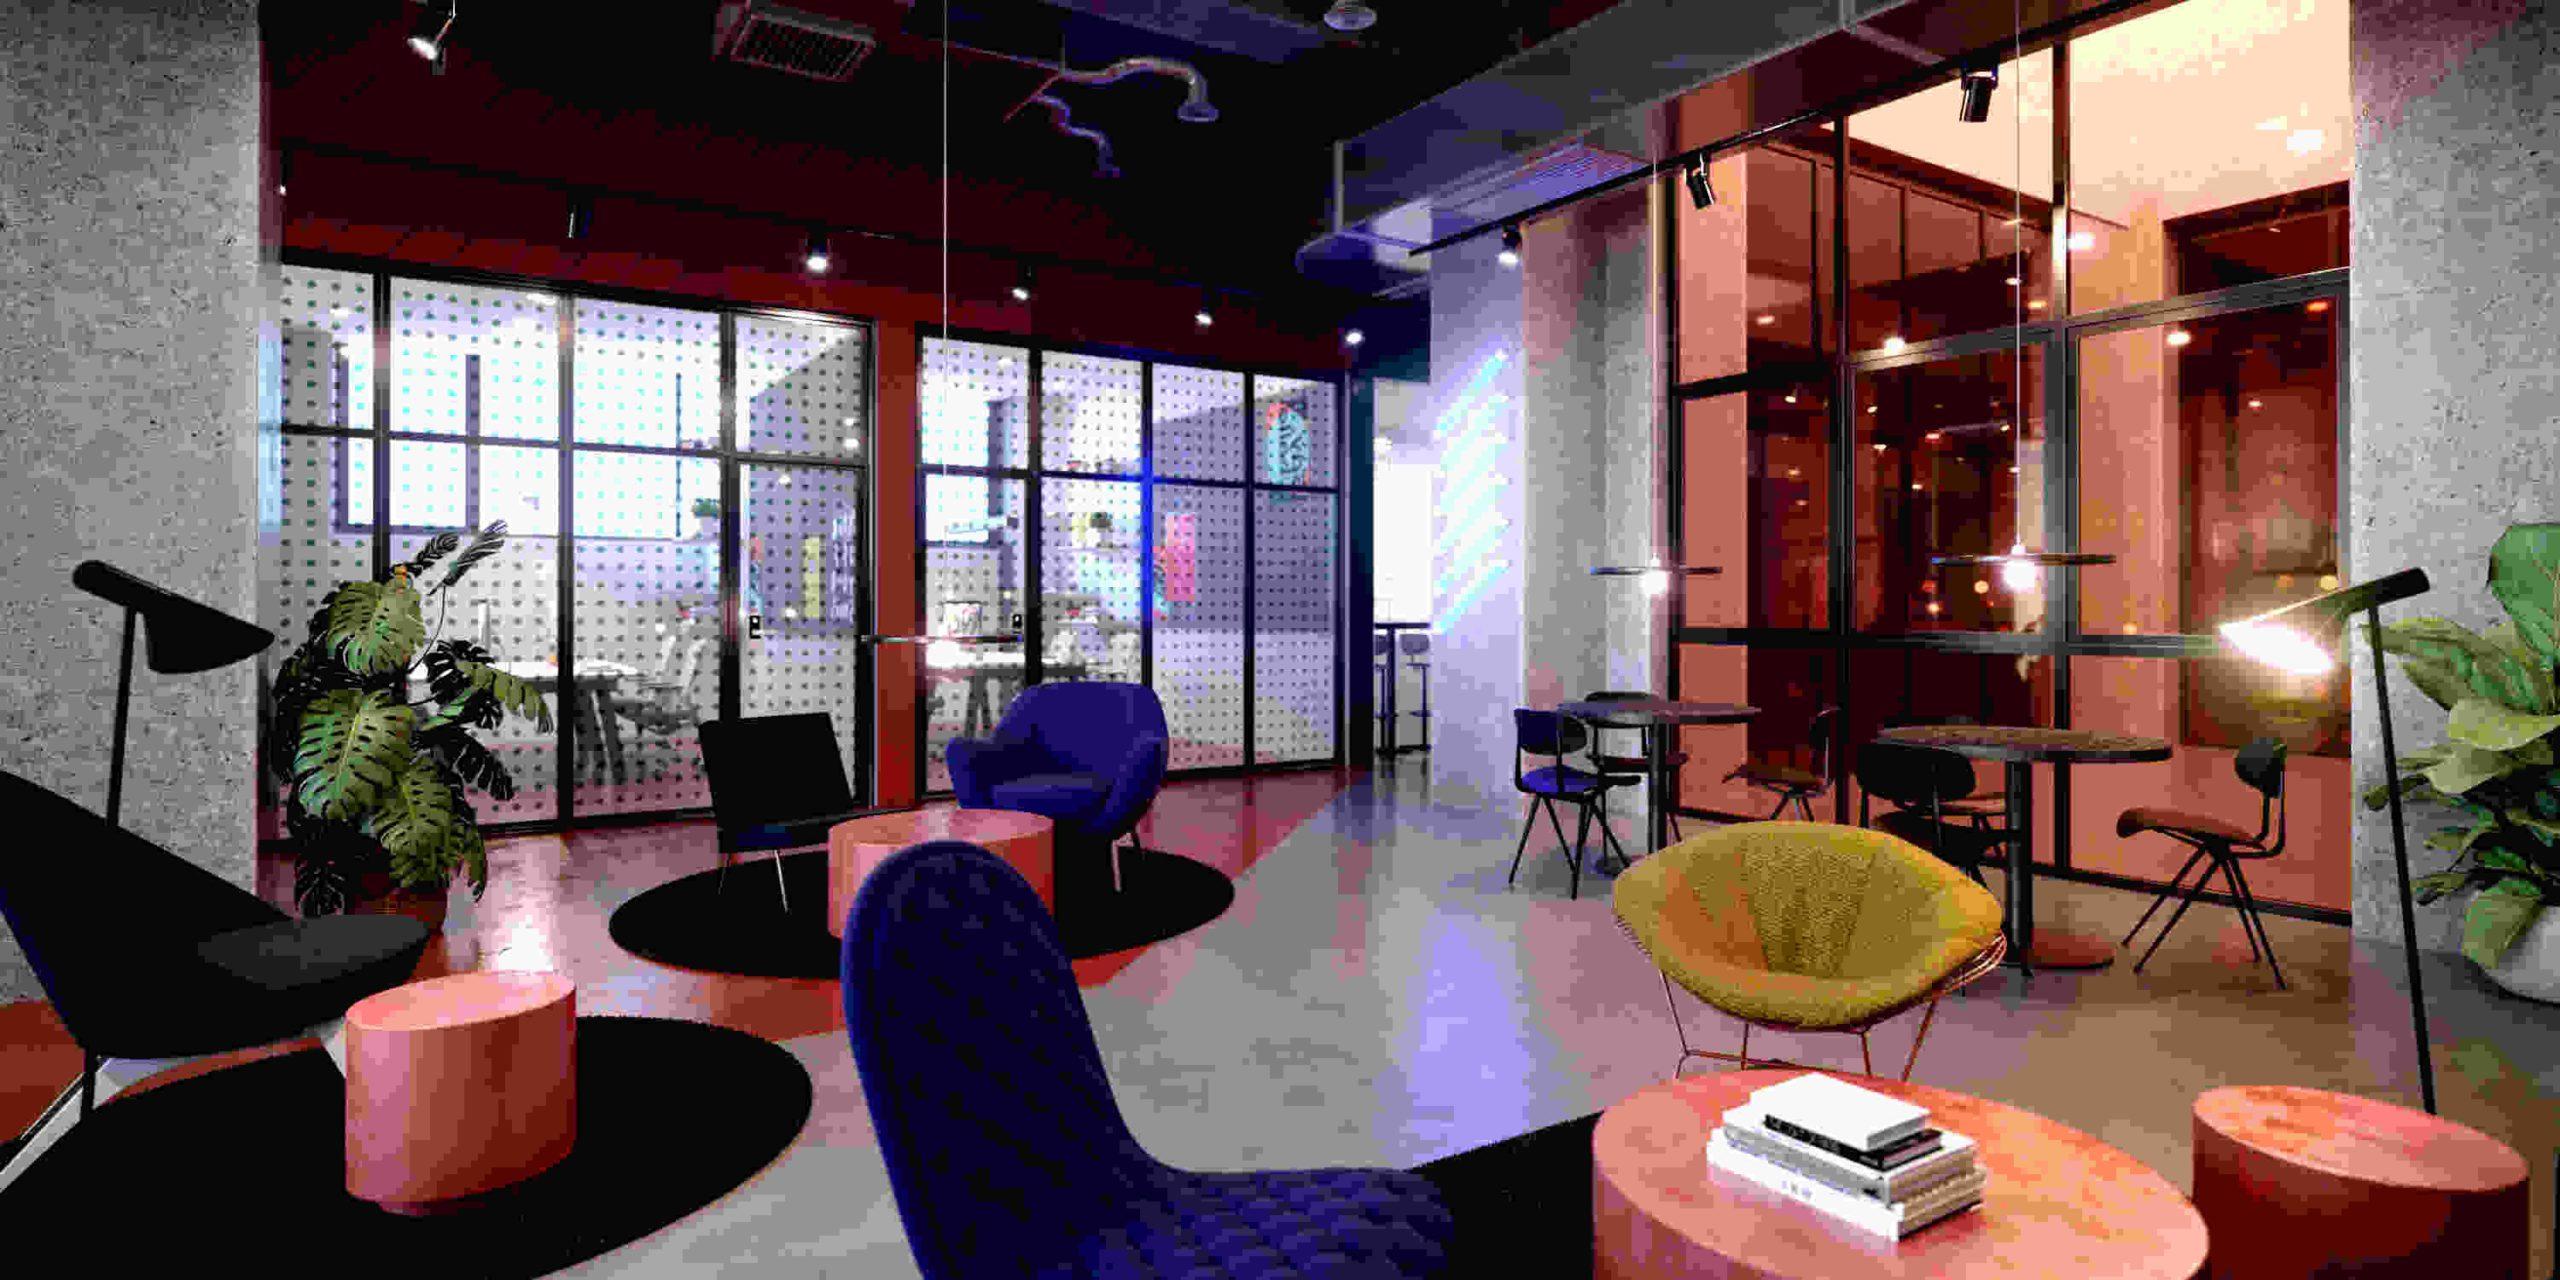 Il Gruppo TSH apre il suo sedicesimo hotel, lo Student Hotel di Bologna